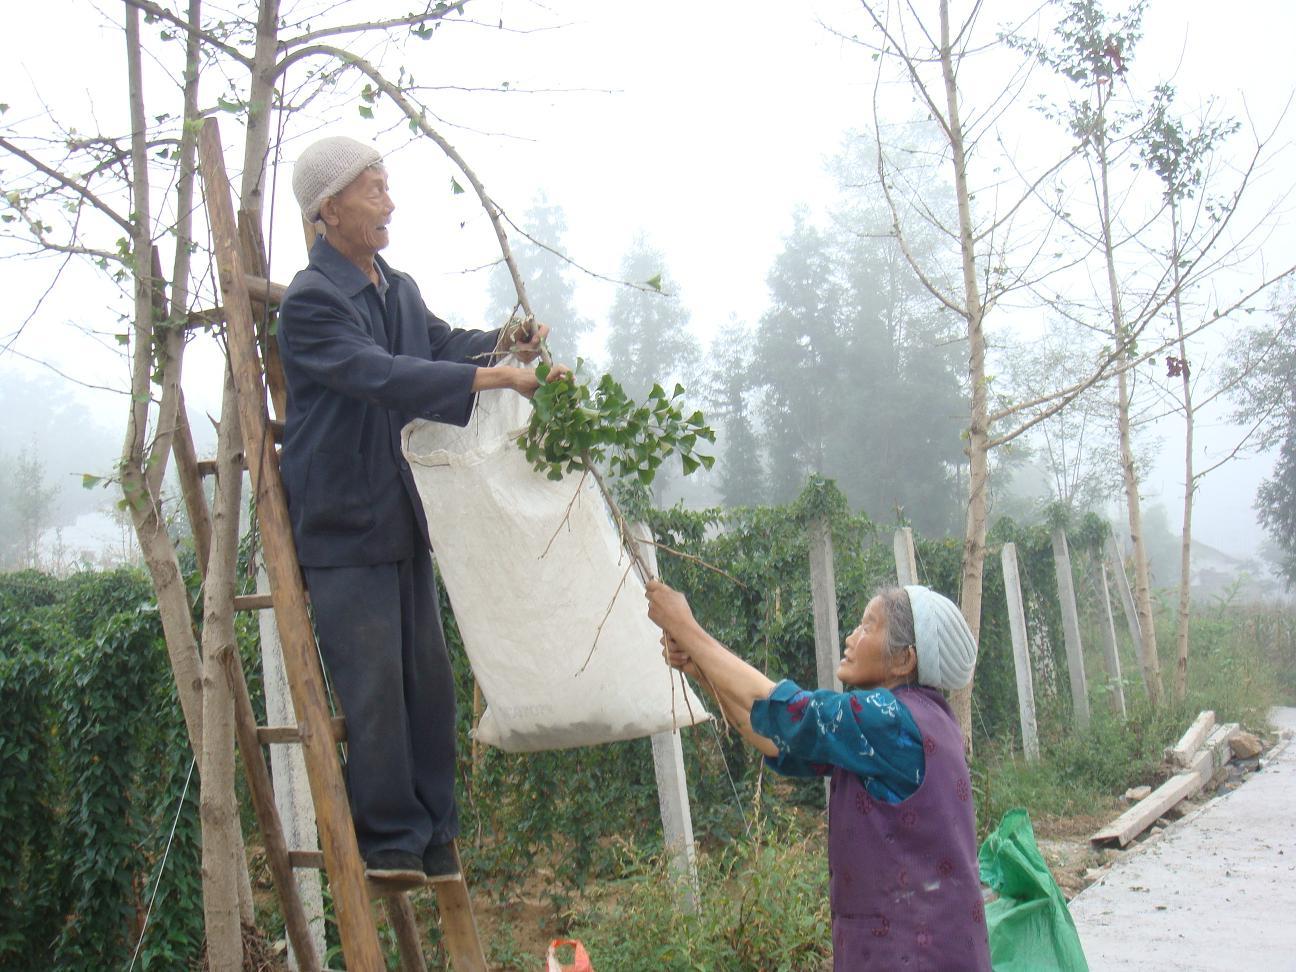 用银杏树叶做粘贴画-73岁老人采摘银杏叶做零花钱  ( 爬上路边的银杏树开